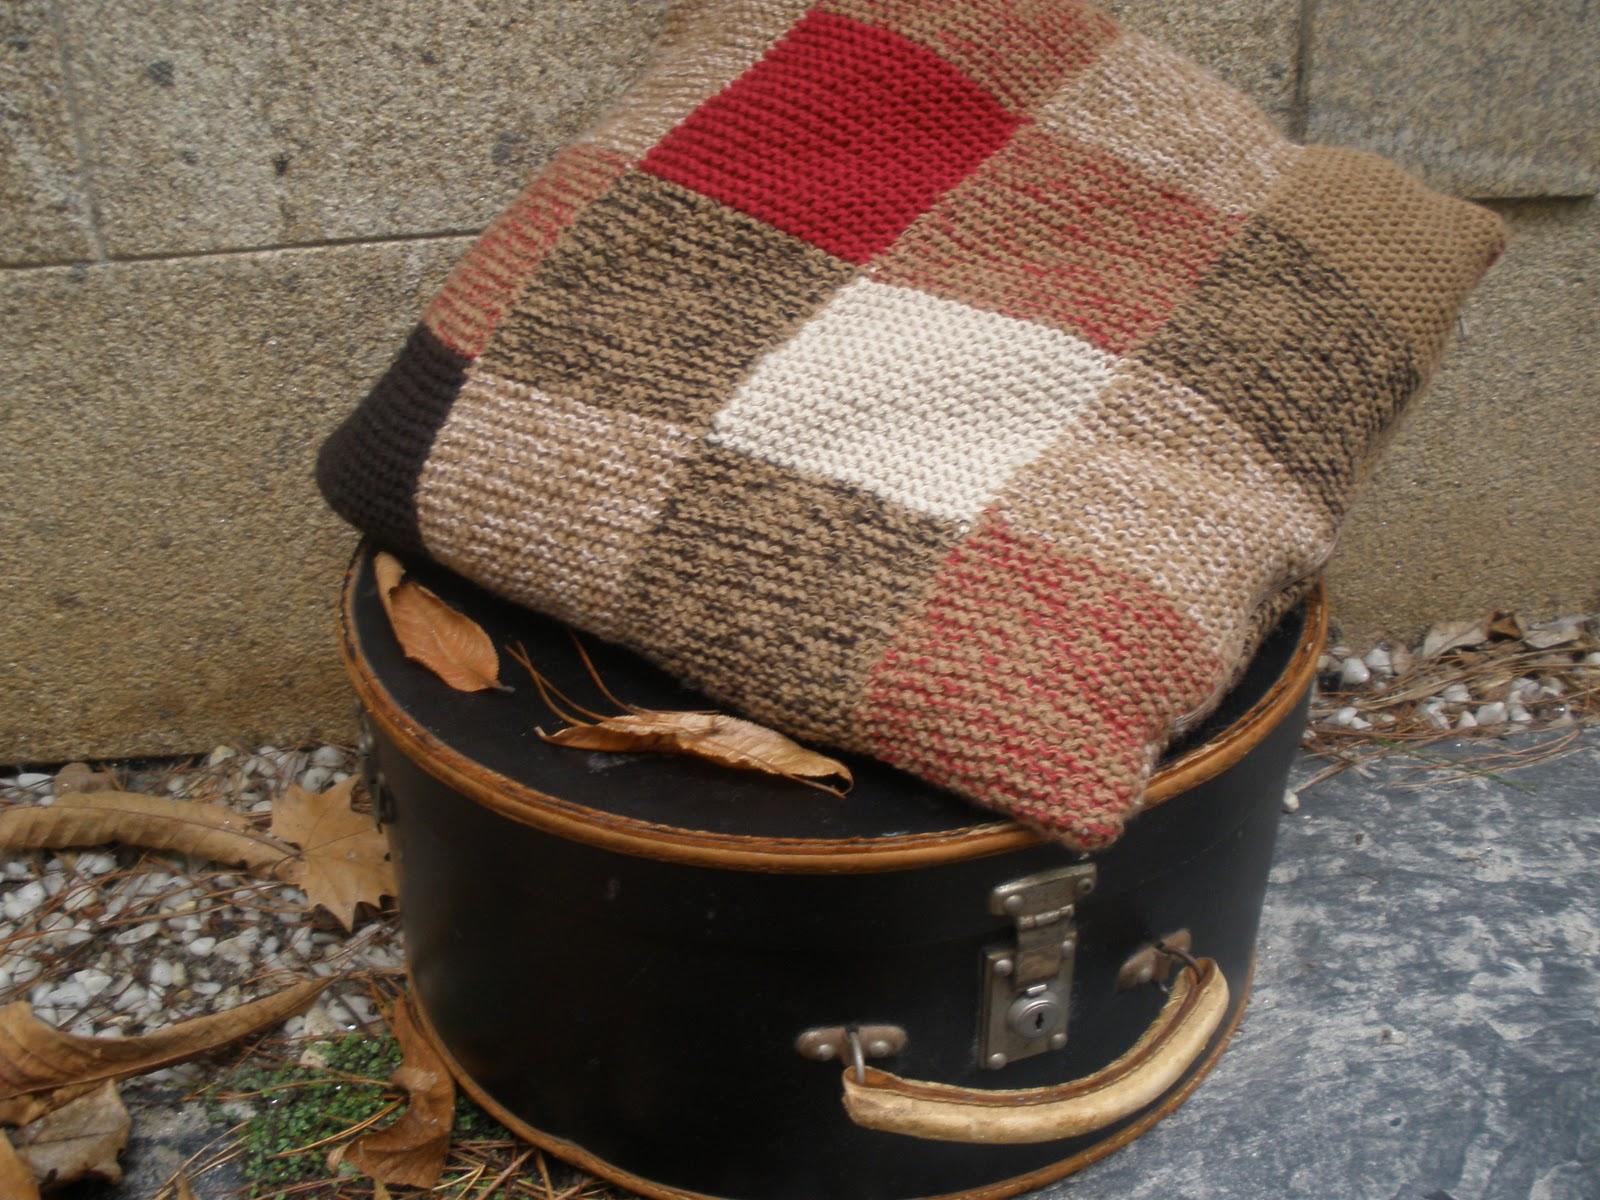 El bosque de lana en el bosque se hacen cojines mantitas - Cojines de lana hechos a mano ...